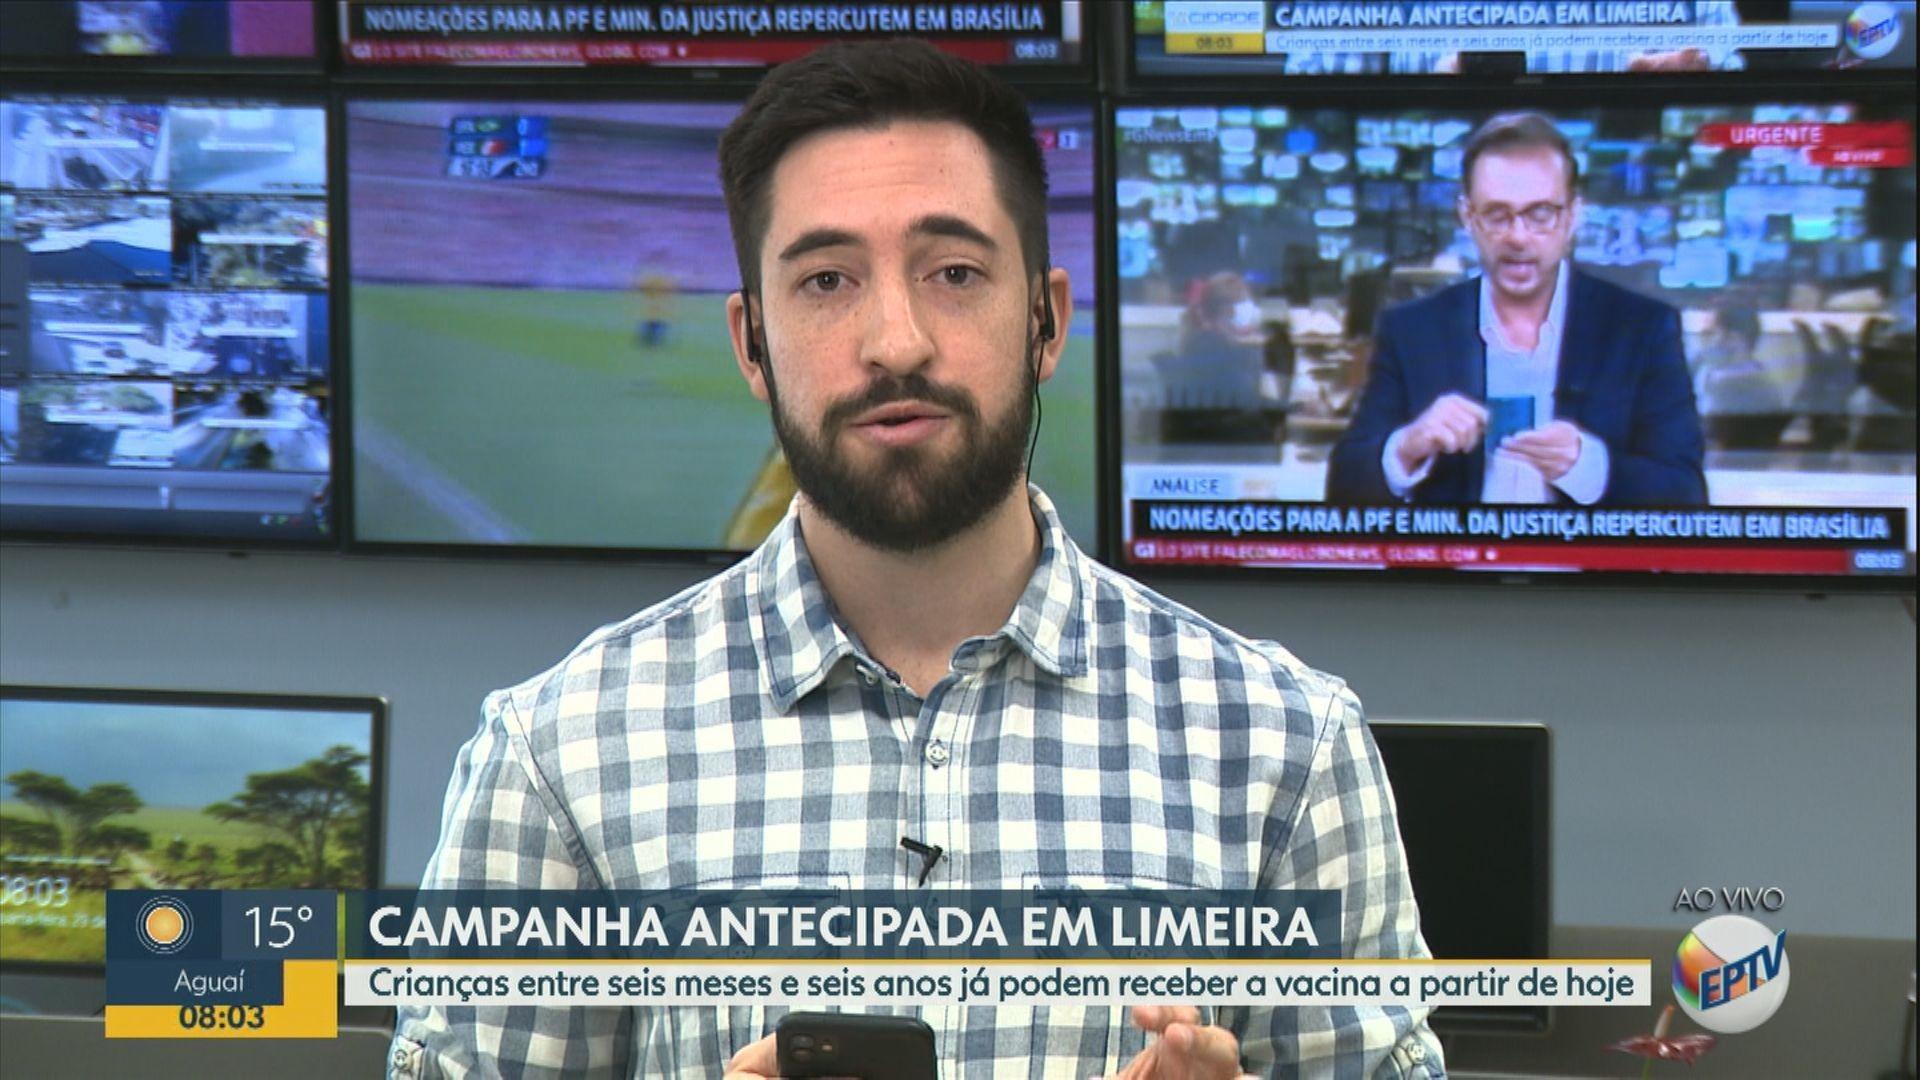 VÍDEOS: Bom Dia Cidade região de Piracicaba desta quarta, 29 de abril